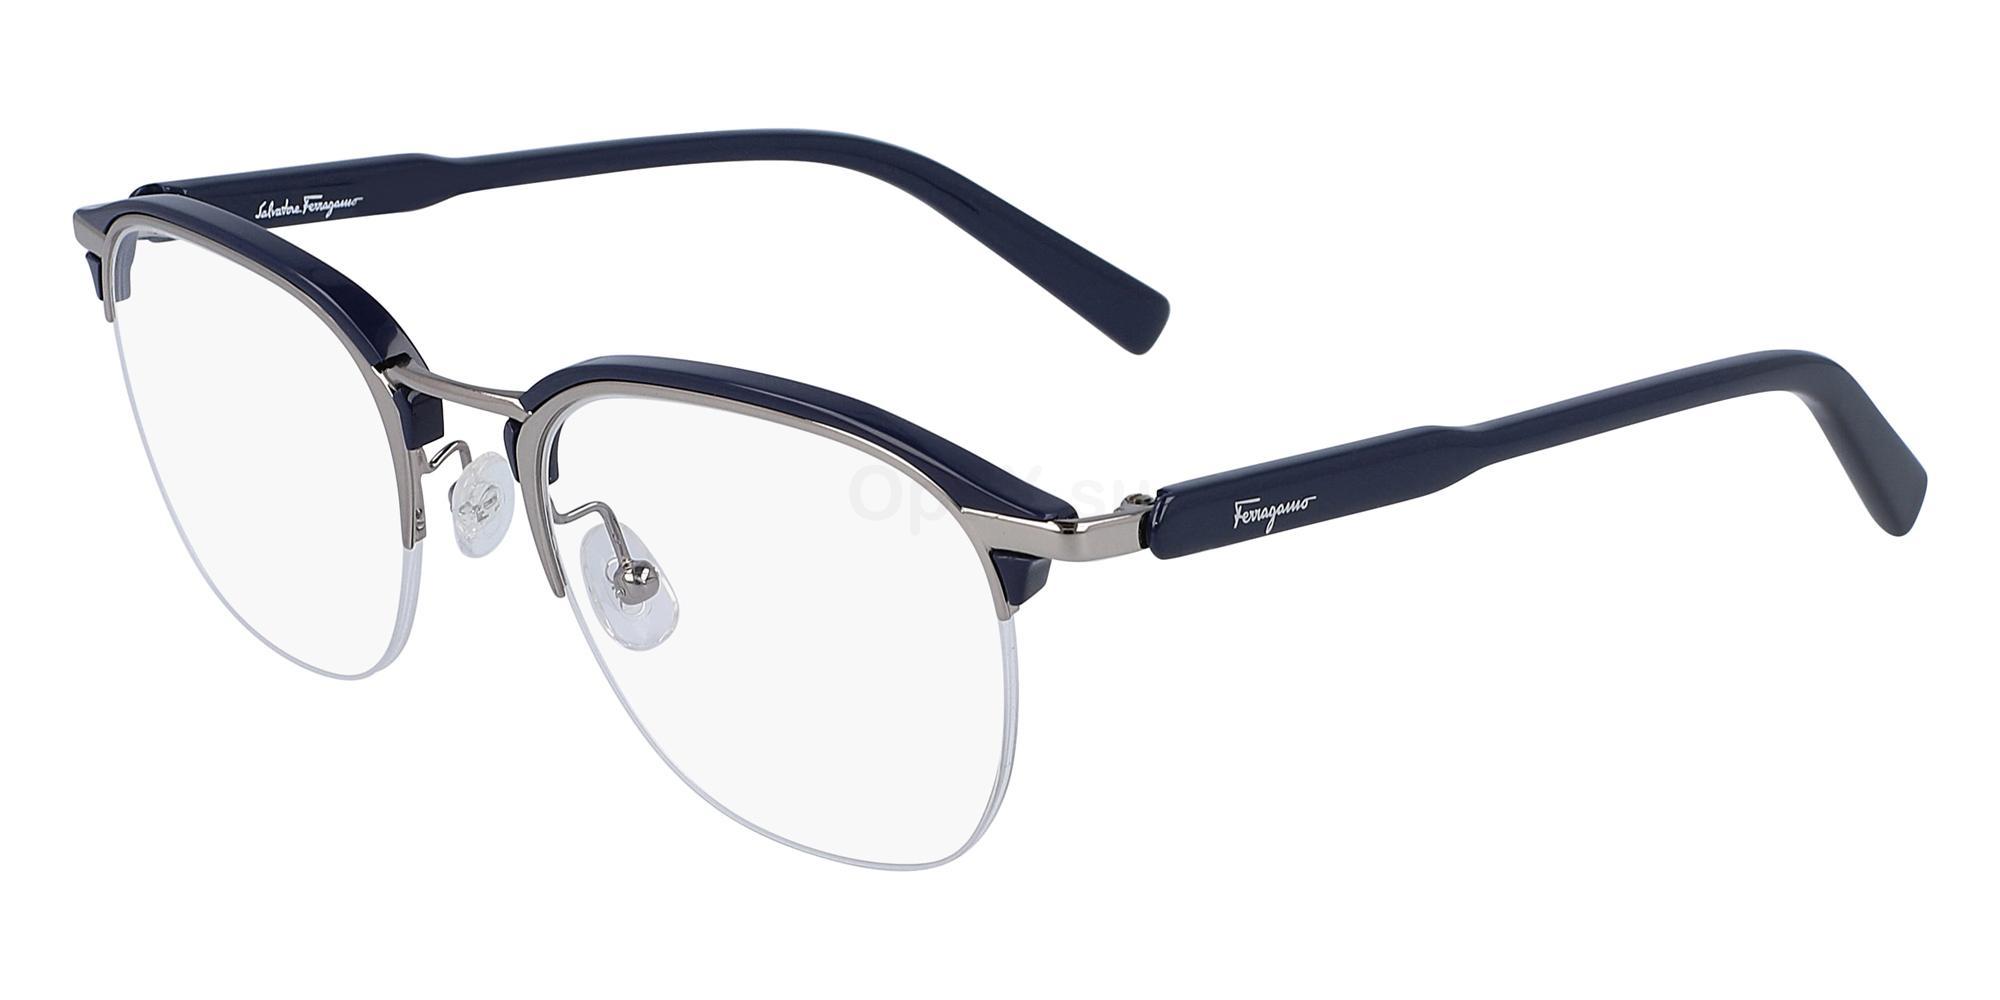 082 SF2180 Glasses, Salvatore Ferragamo